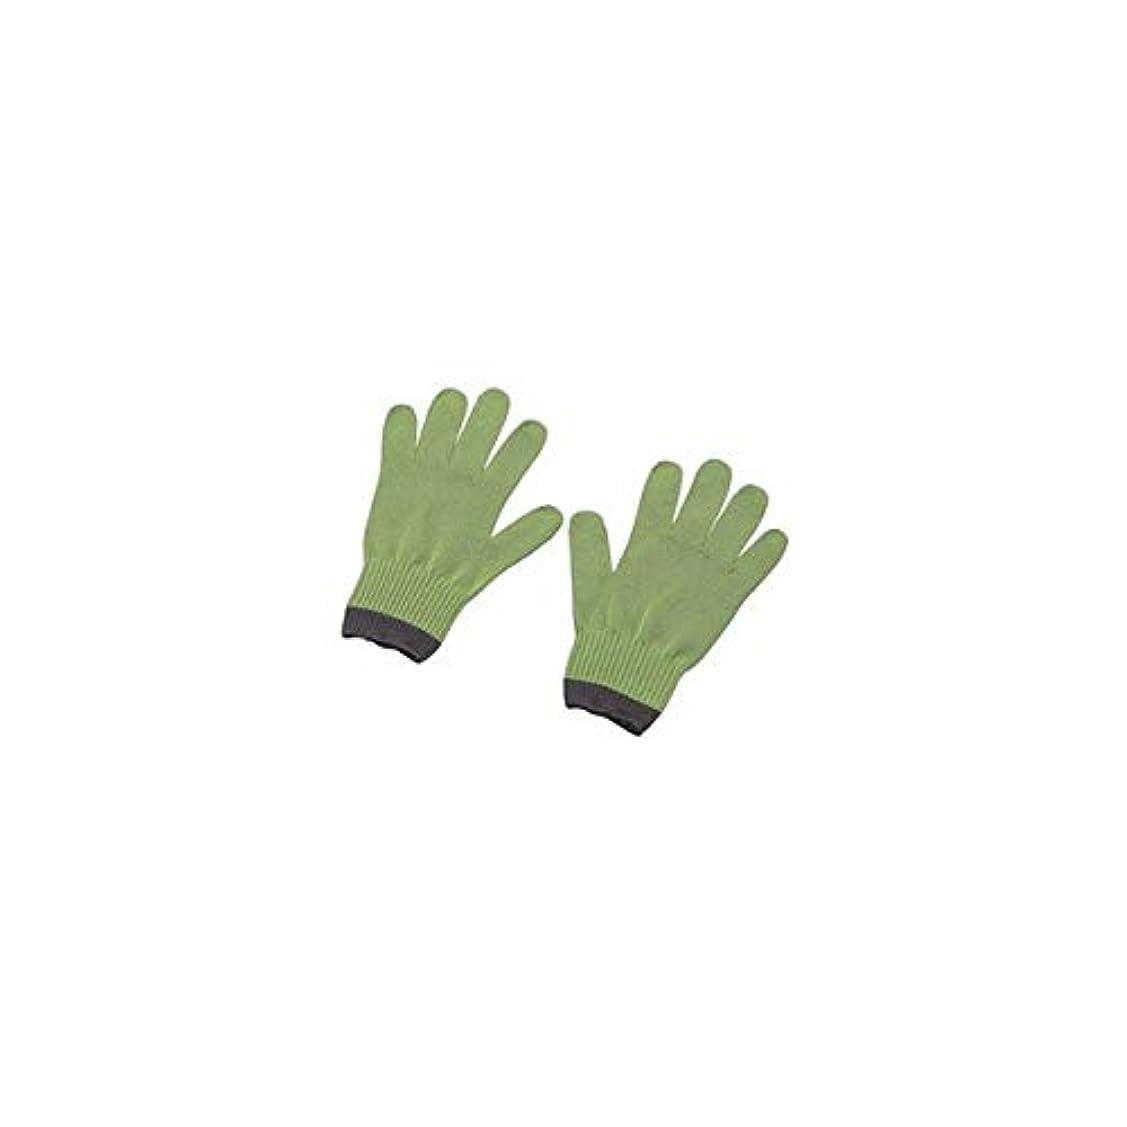 思春期ペア不愉快にアラミド手袋MEGG-90 洗剤?消耗品 CD:378203